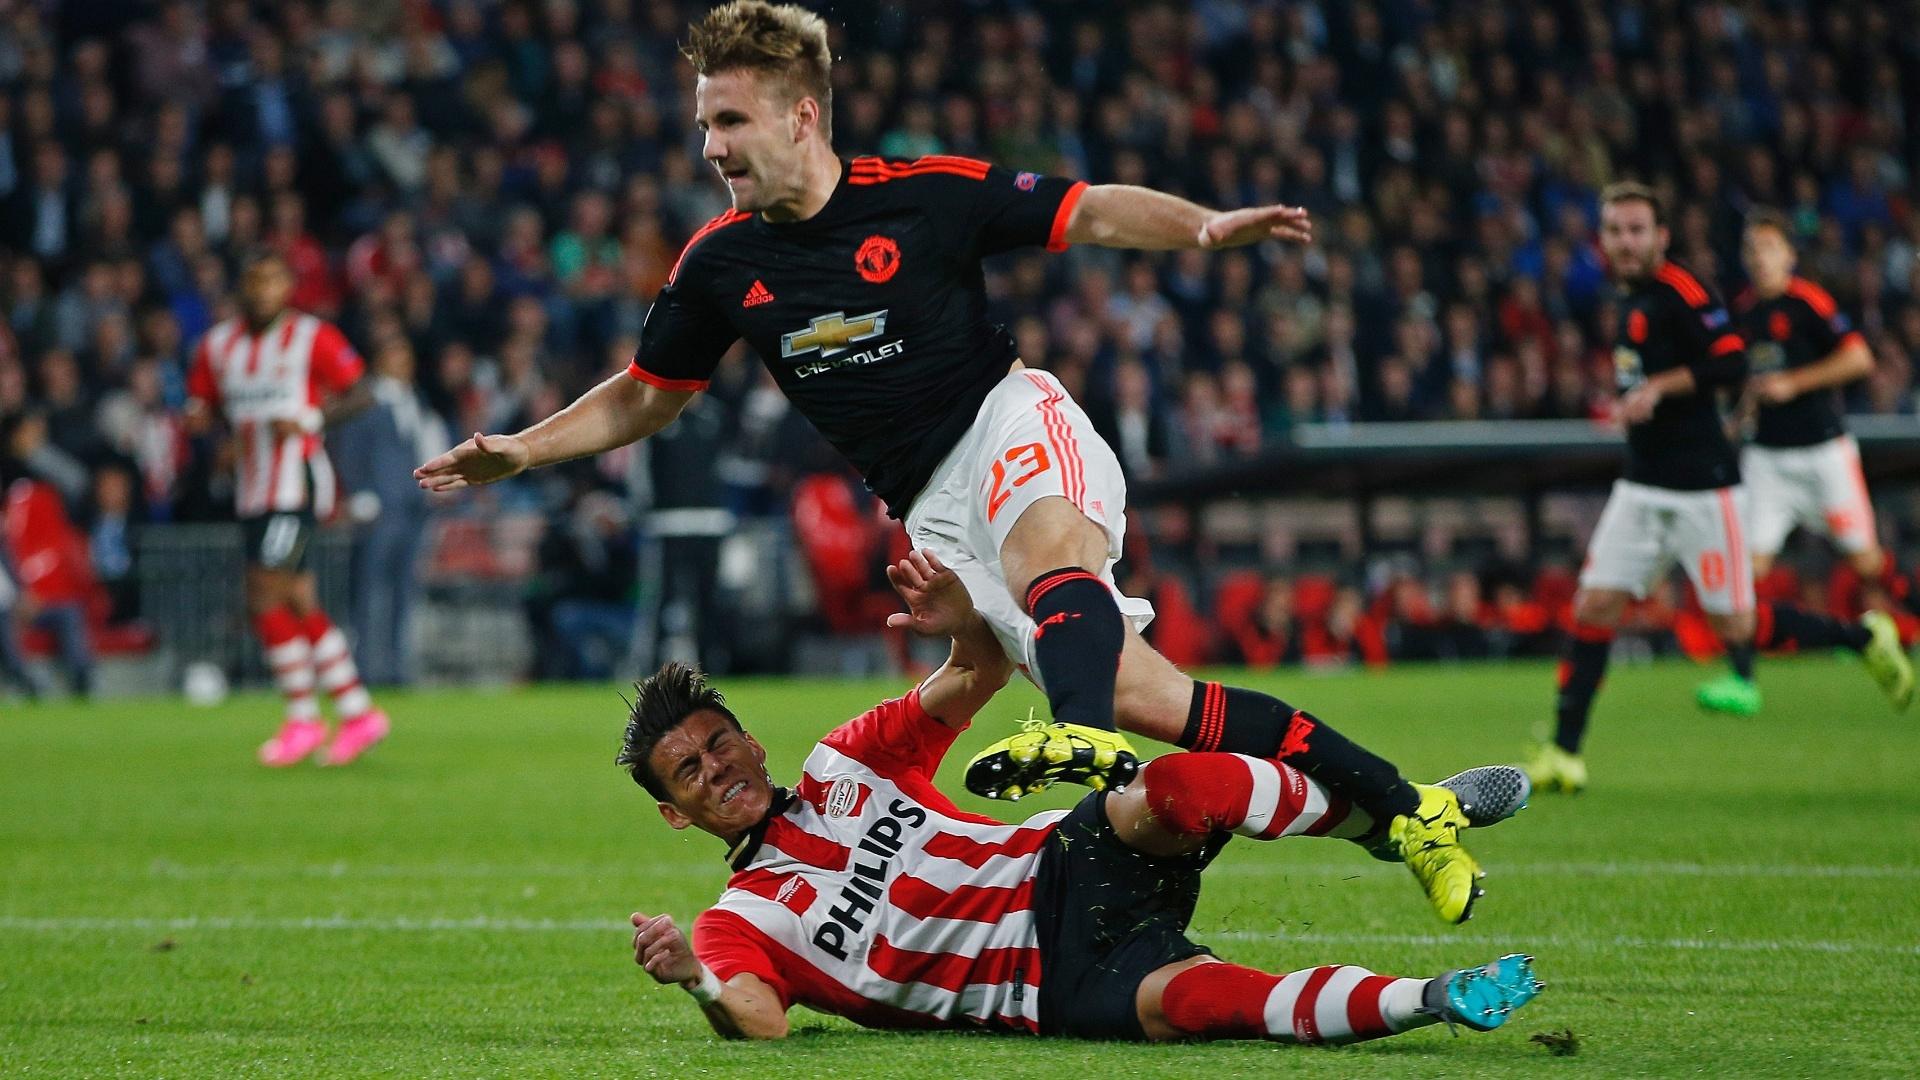 No lance, o árbitro da partida nem marcou a infração, que teria resultado em pênalti para o United; PSV bateu o Manchester por 2x1